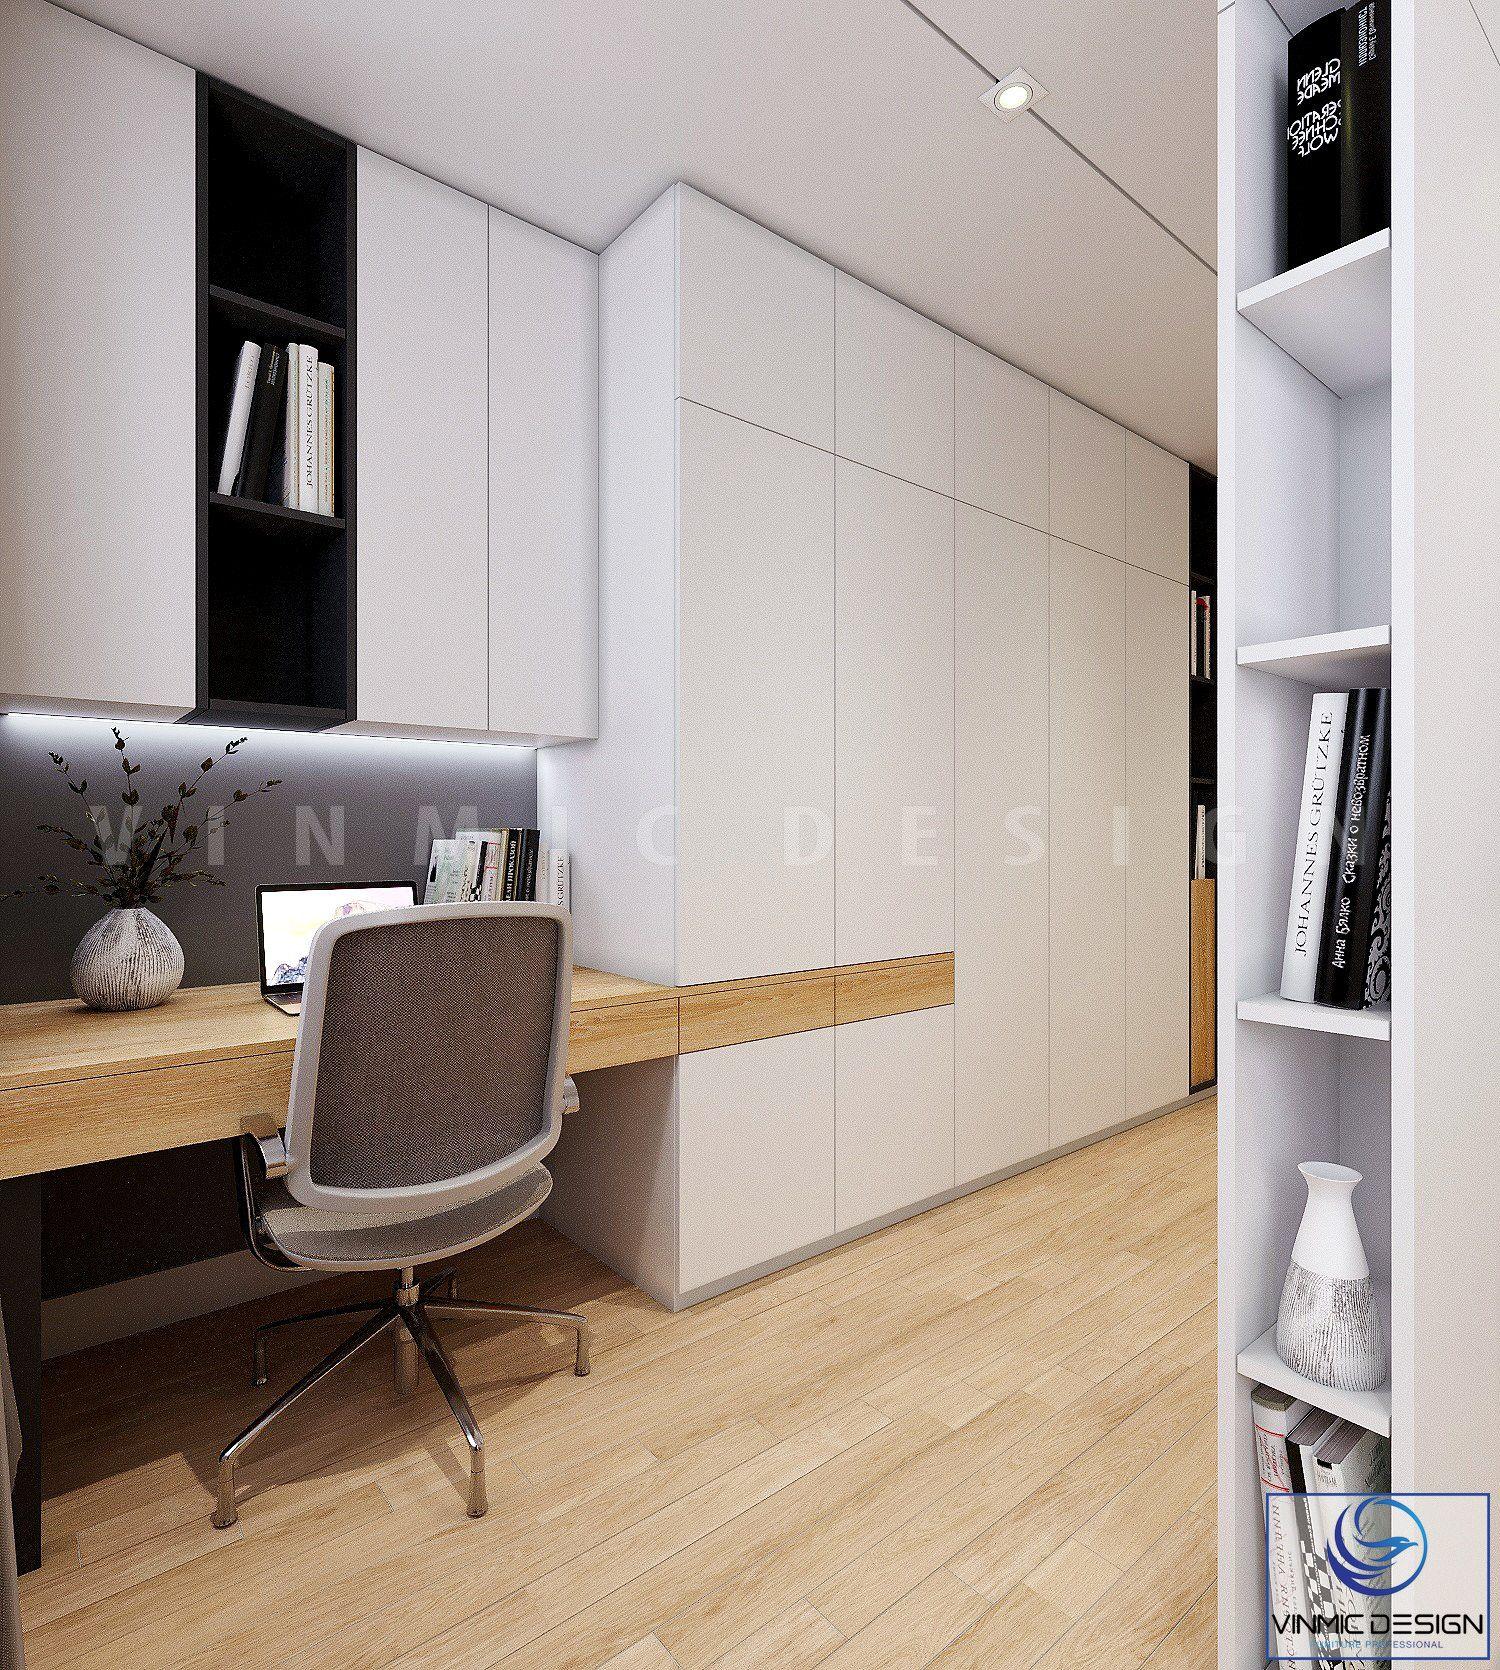 Không gian nơi làm việc trong phòng ngủ cũng được thể hiện riêng tư, tránh ồn ào